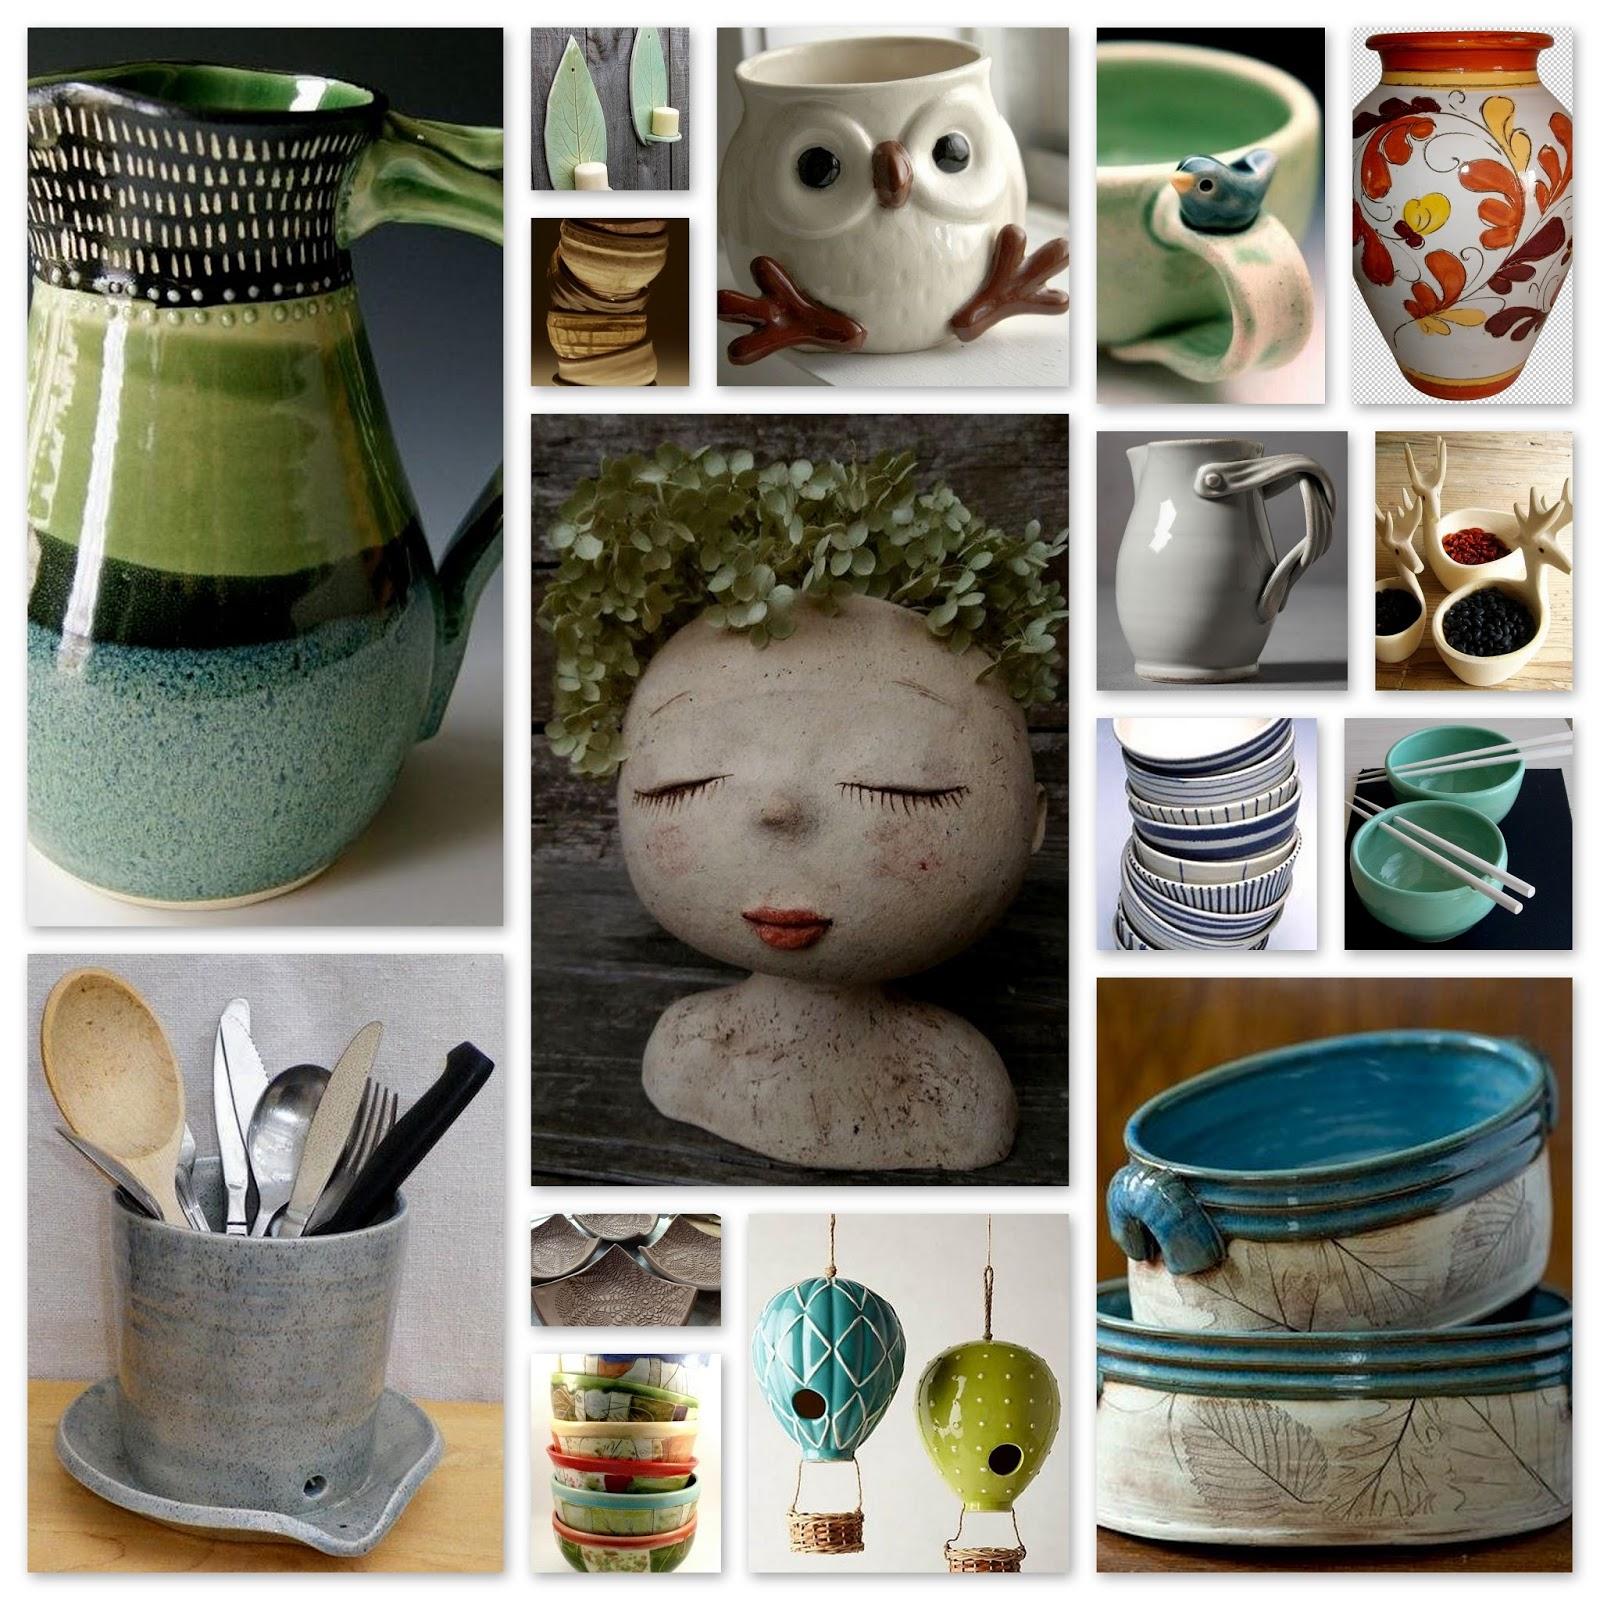 Taller de arte vif cer mica for Ceramicas para piezas